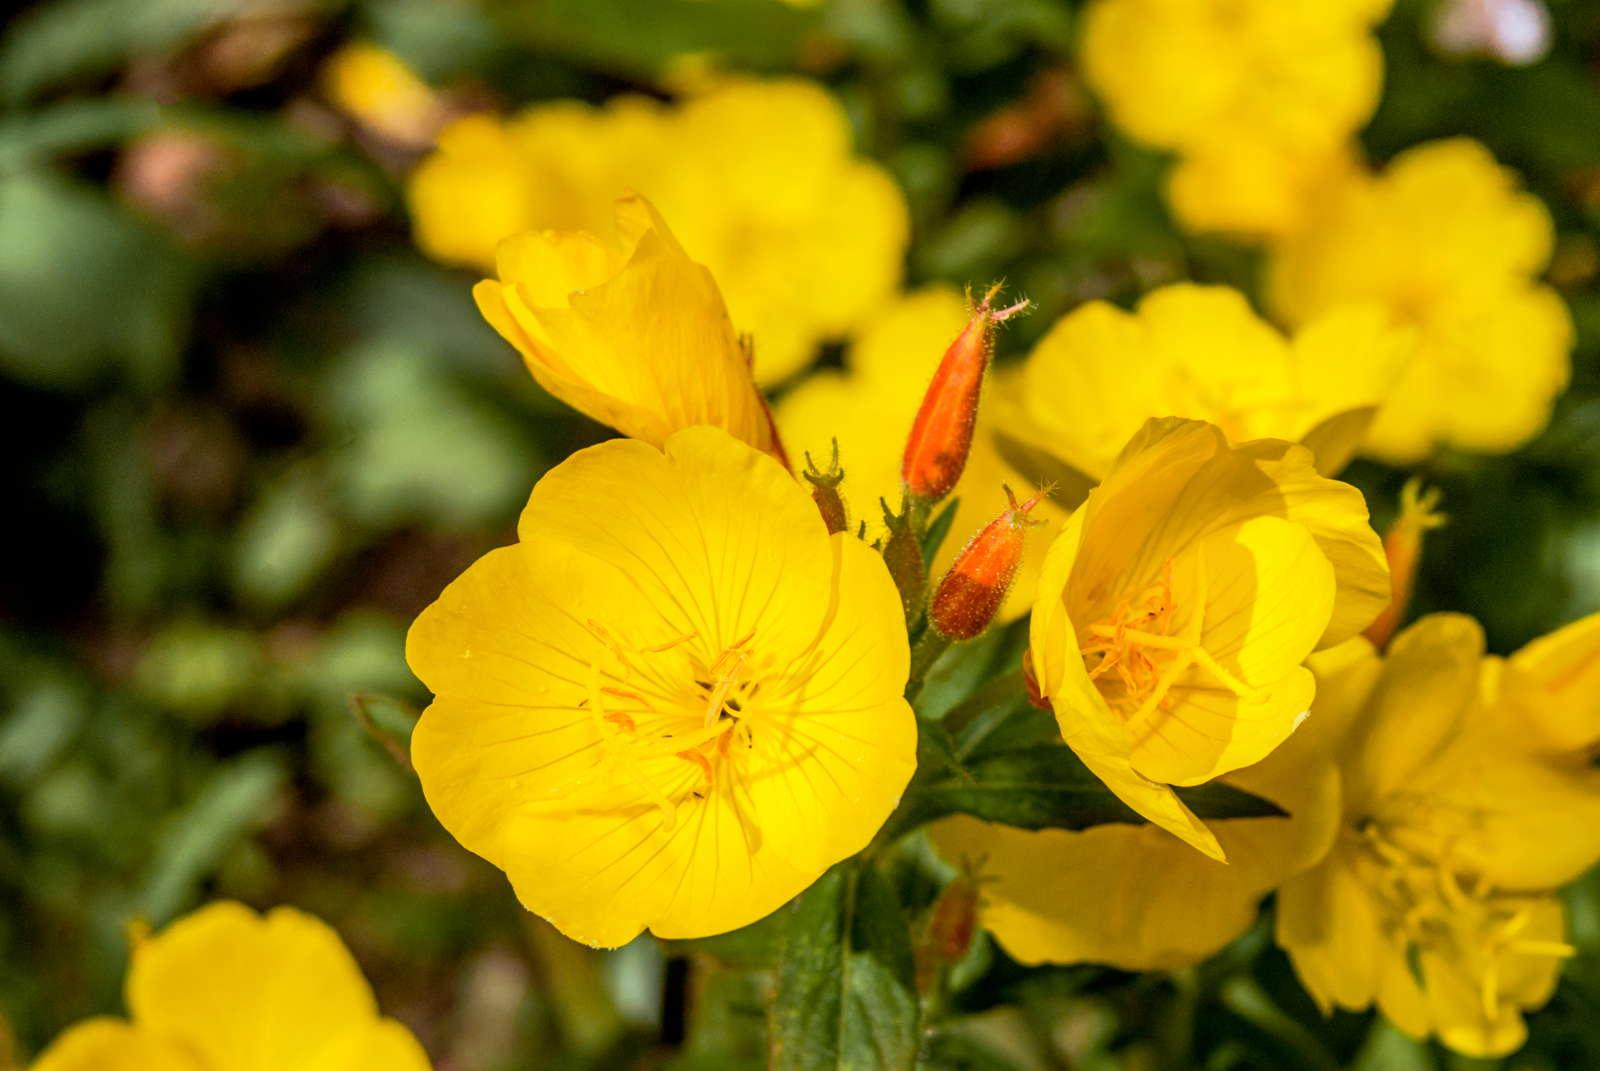 Lieblings Schneckenresistente Pflanzen: Blumen, Stauden & Gemüse - Plantura #NQ_78